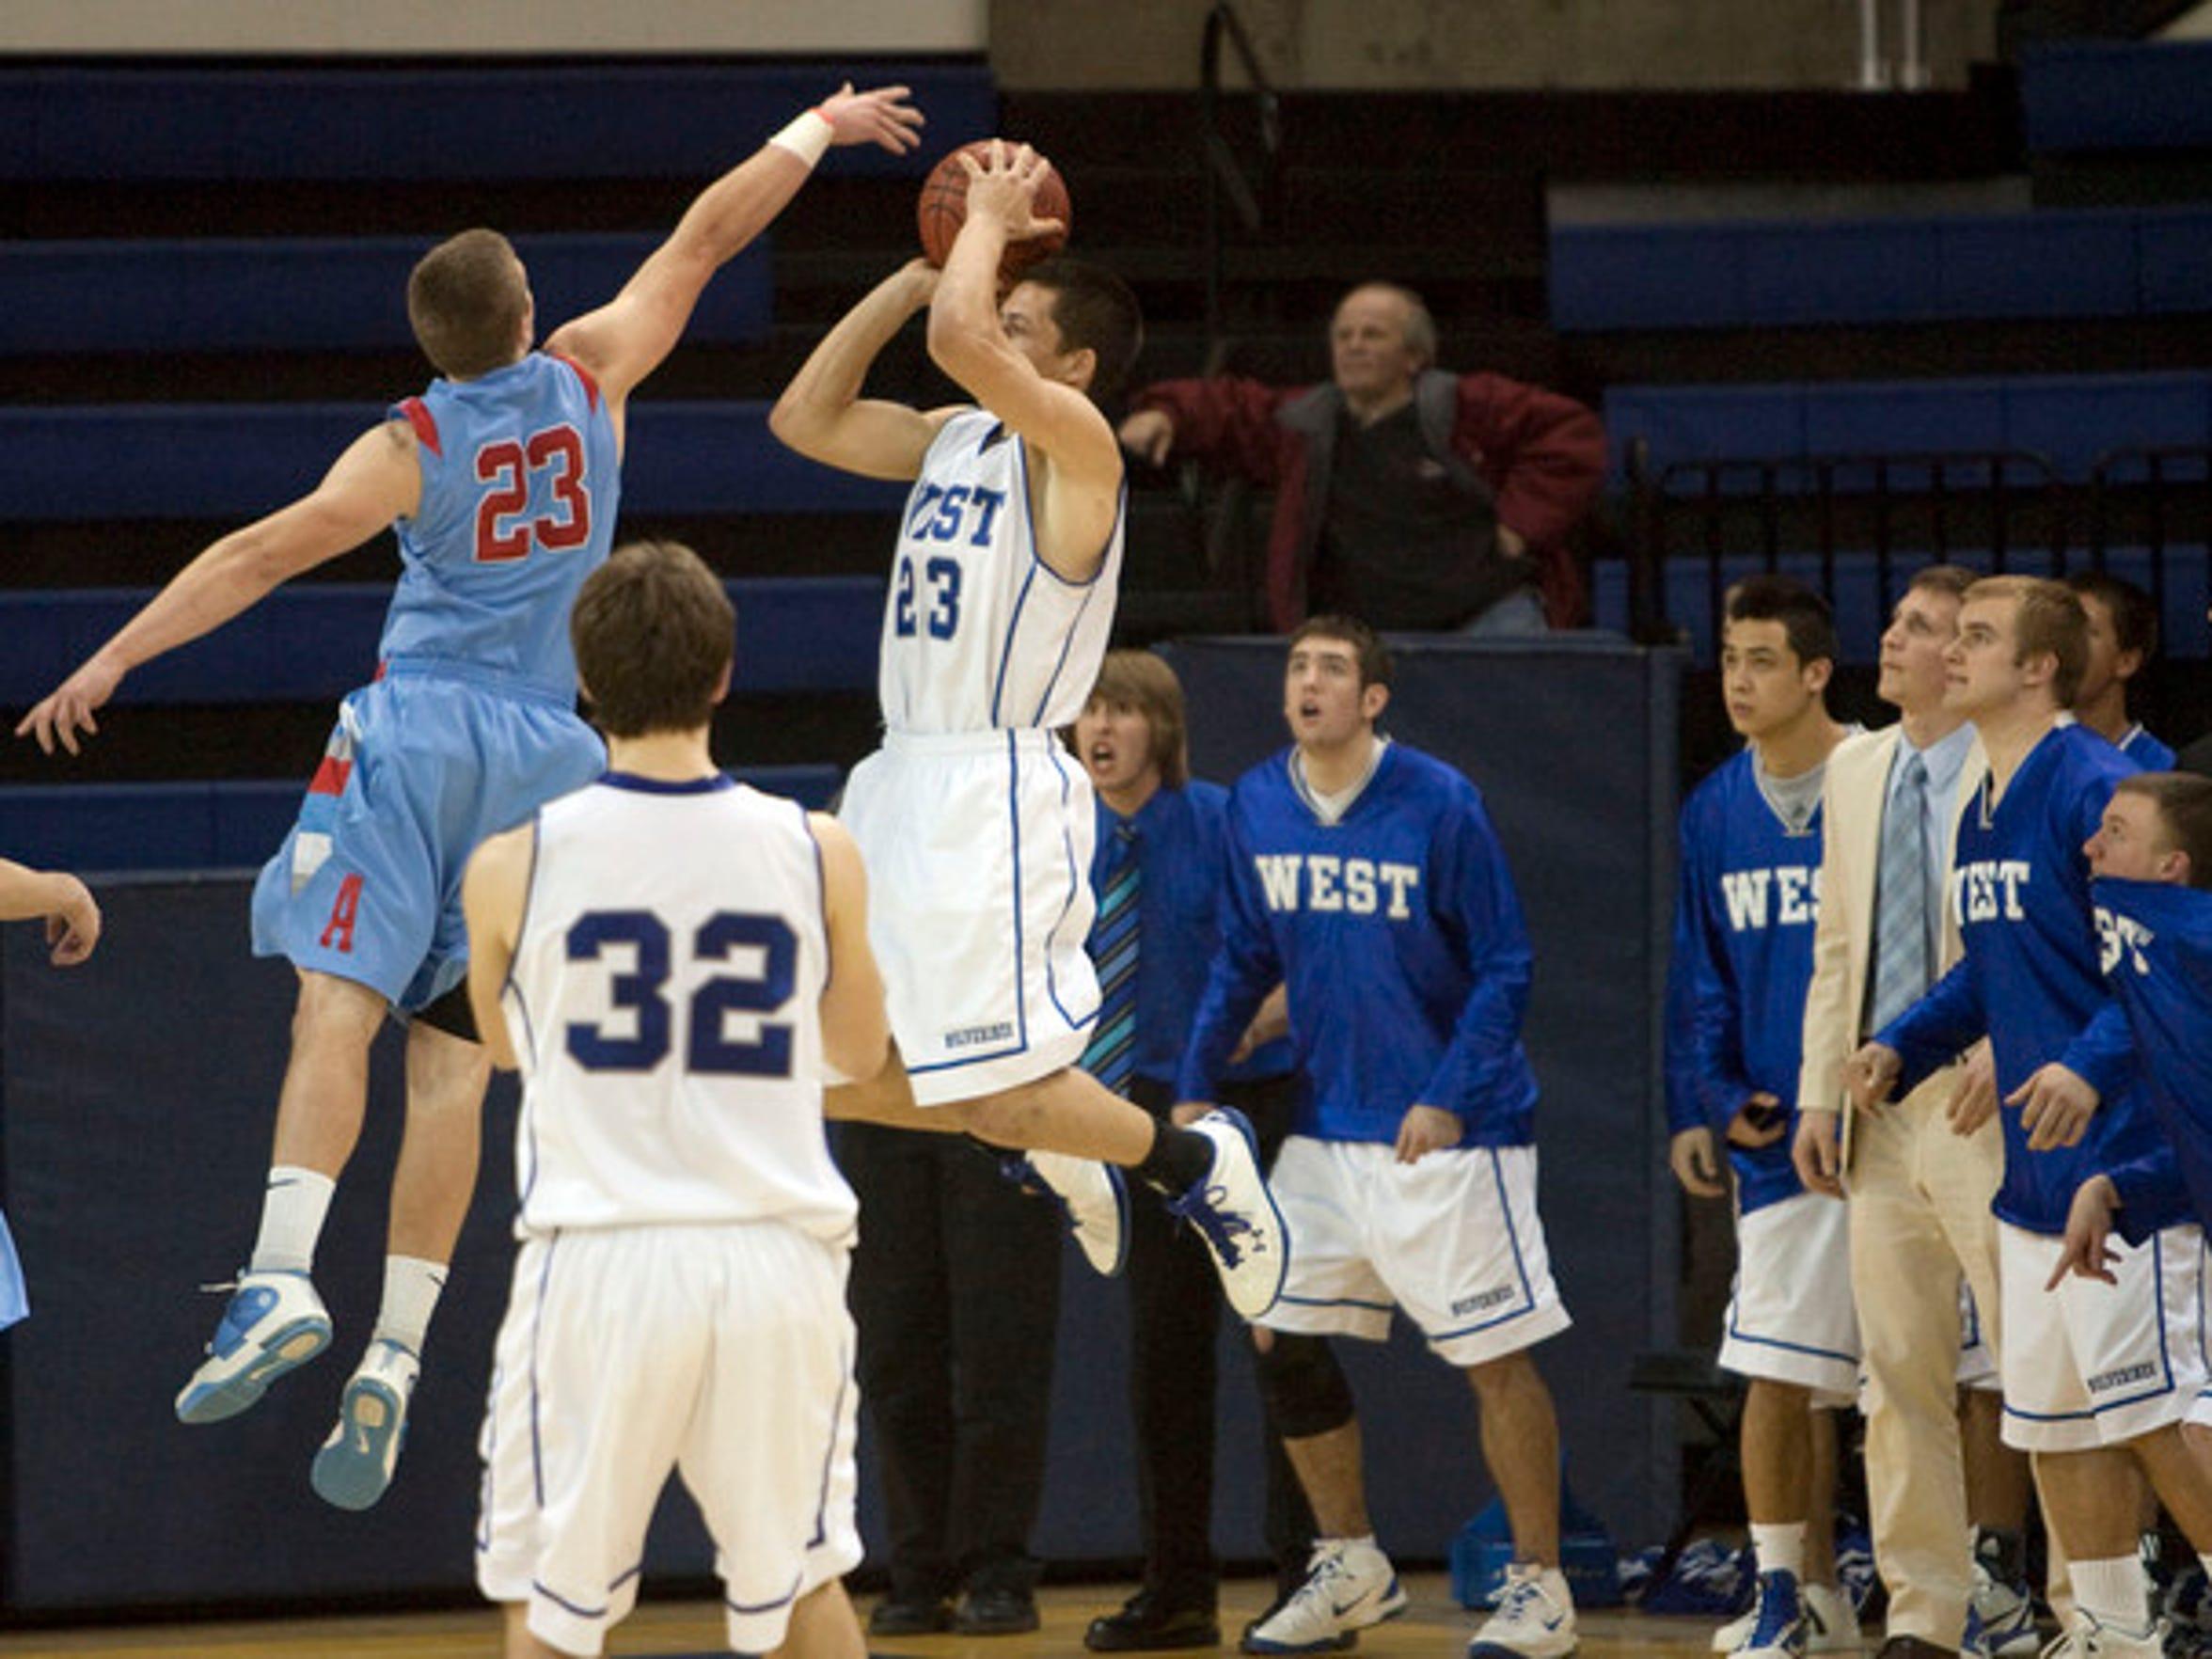 Waukesha West's Joe Schobert (23) leaps up for a last-second